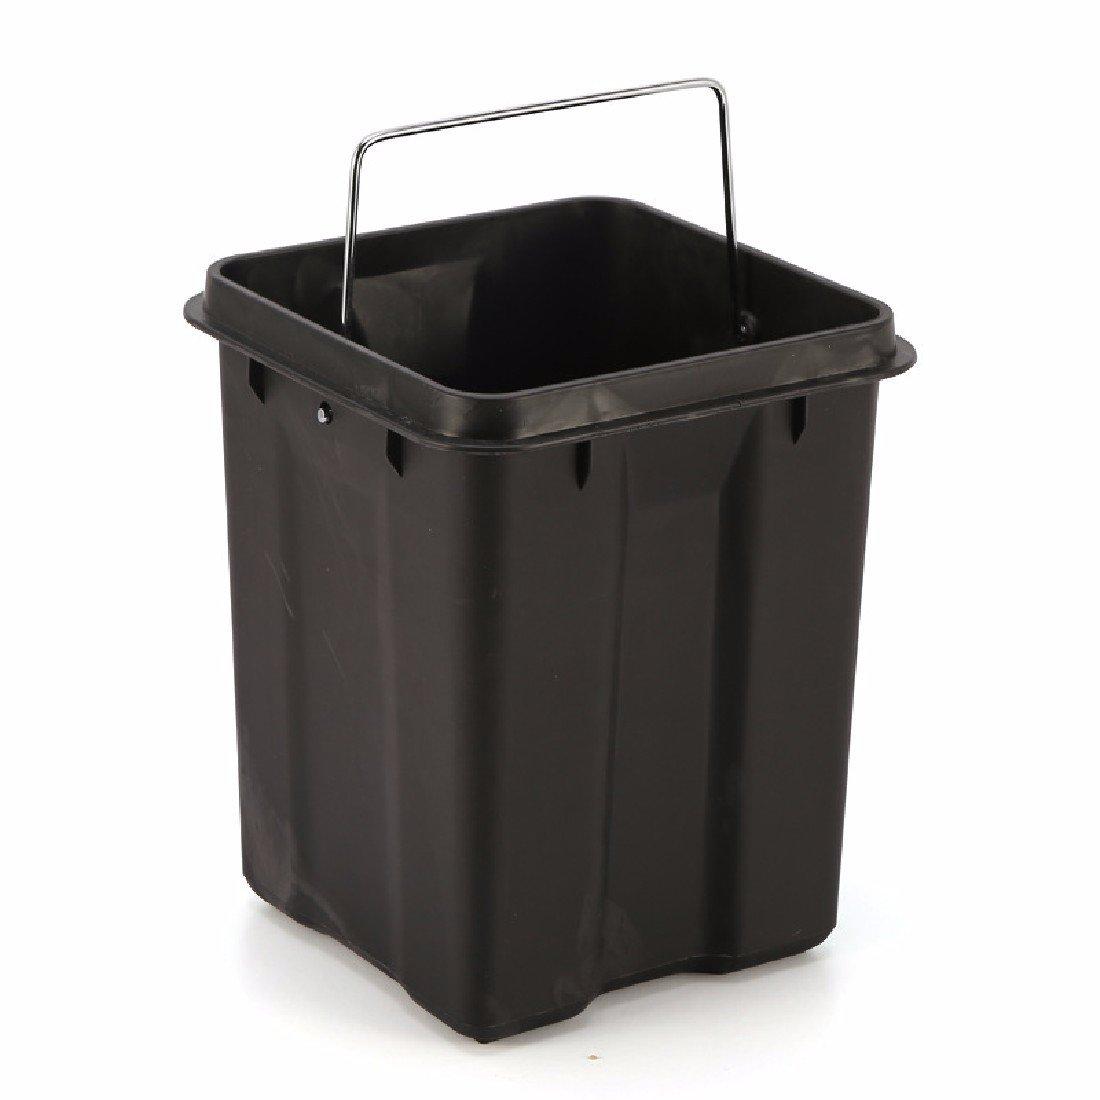 HQLCX-Rubbish Bin Cubos de Basura Casa De De De Acero Inoxidable 6L Mute Moda Garbage Bin Salon Cocina Aseo con Botes De Basura,Rosa f329c8